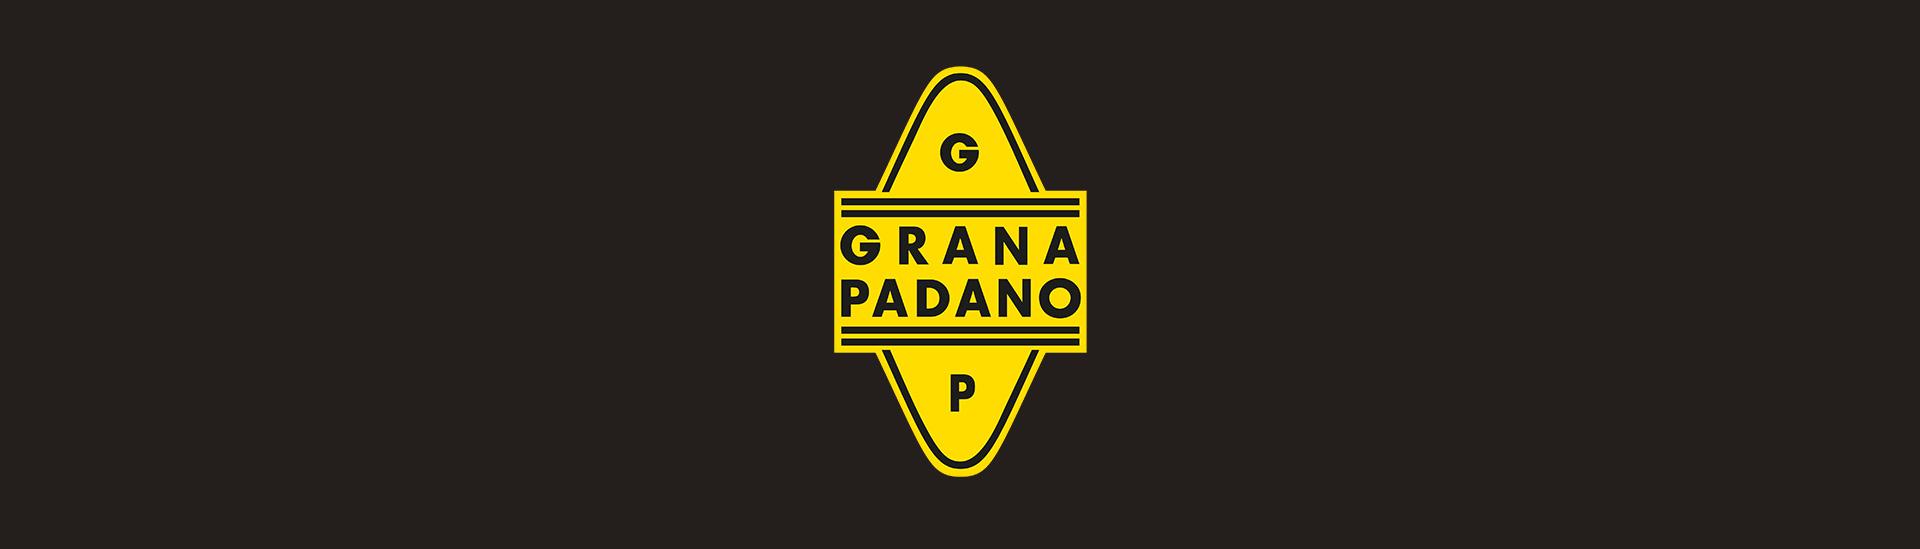 Monkey Talkie per Grana Padano